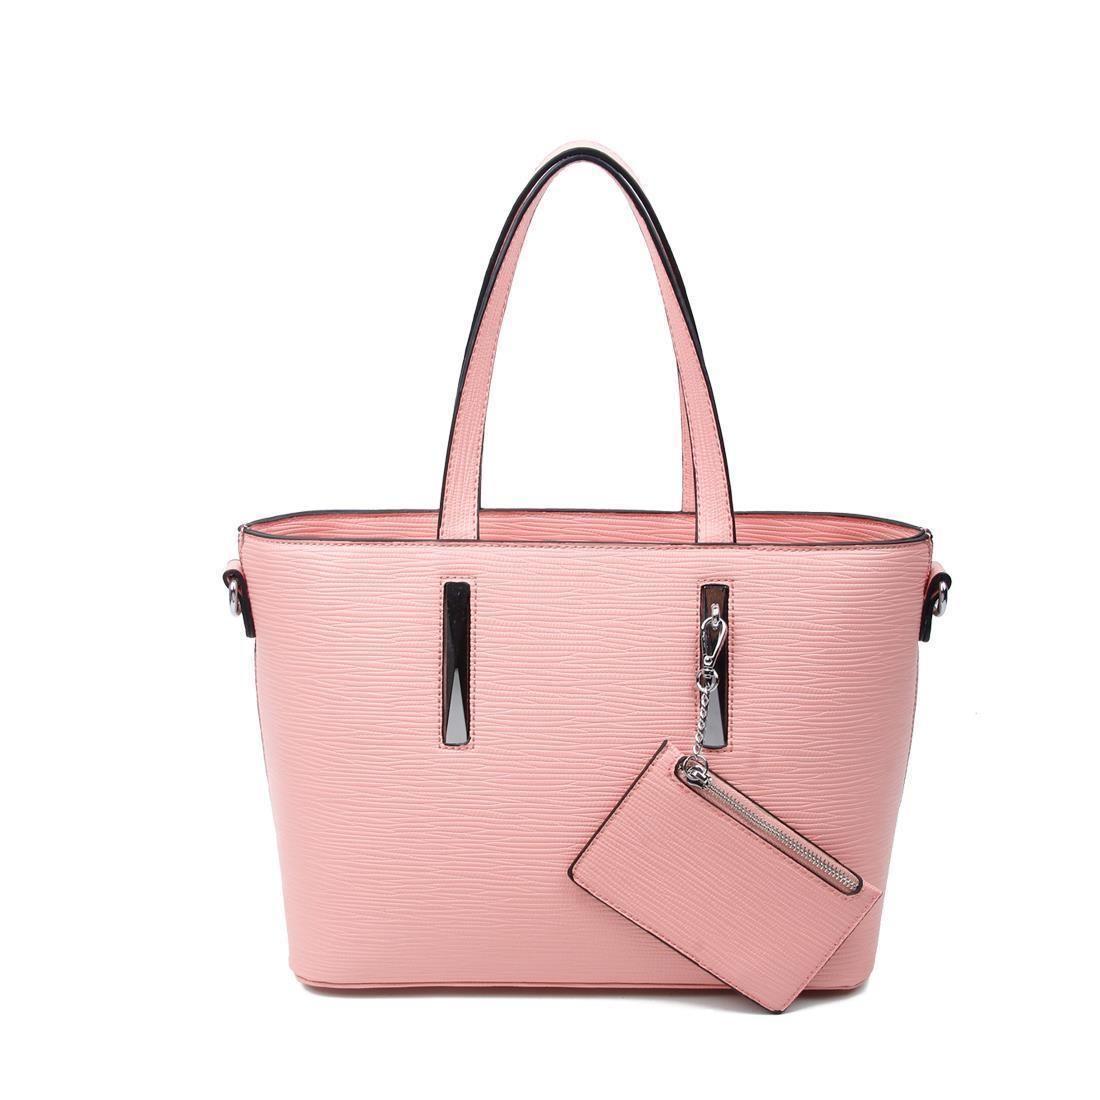 Marked Your Friends So They Can See It Ladies Business Bag Shopper Work Bag Shoulder Bag Portfolio Case Handbag Bag1 Schultertasche Handtasche Shopper Leder